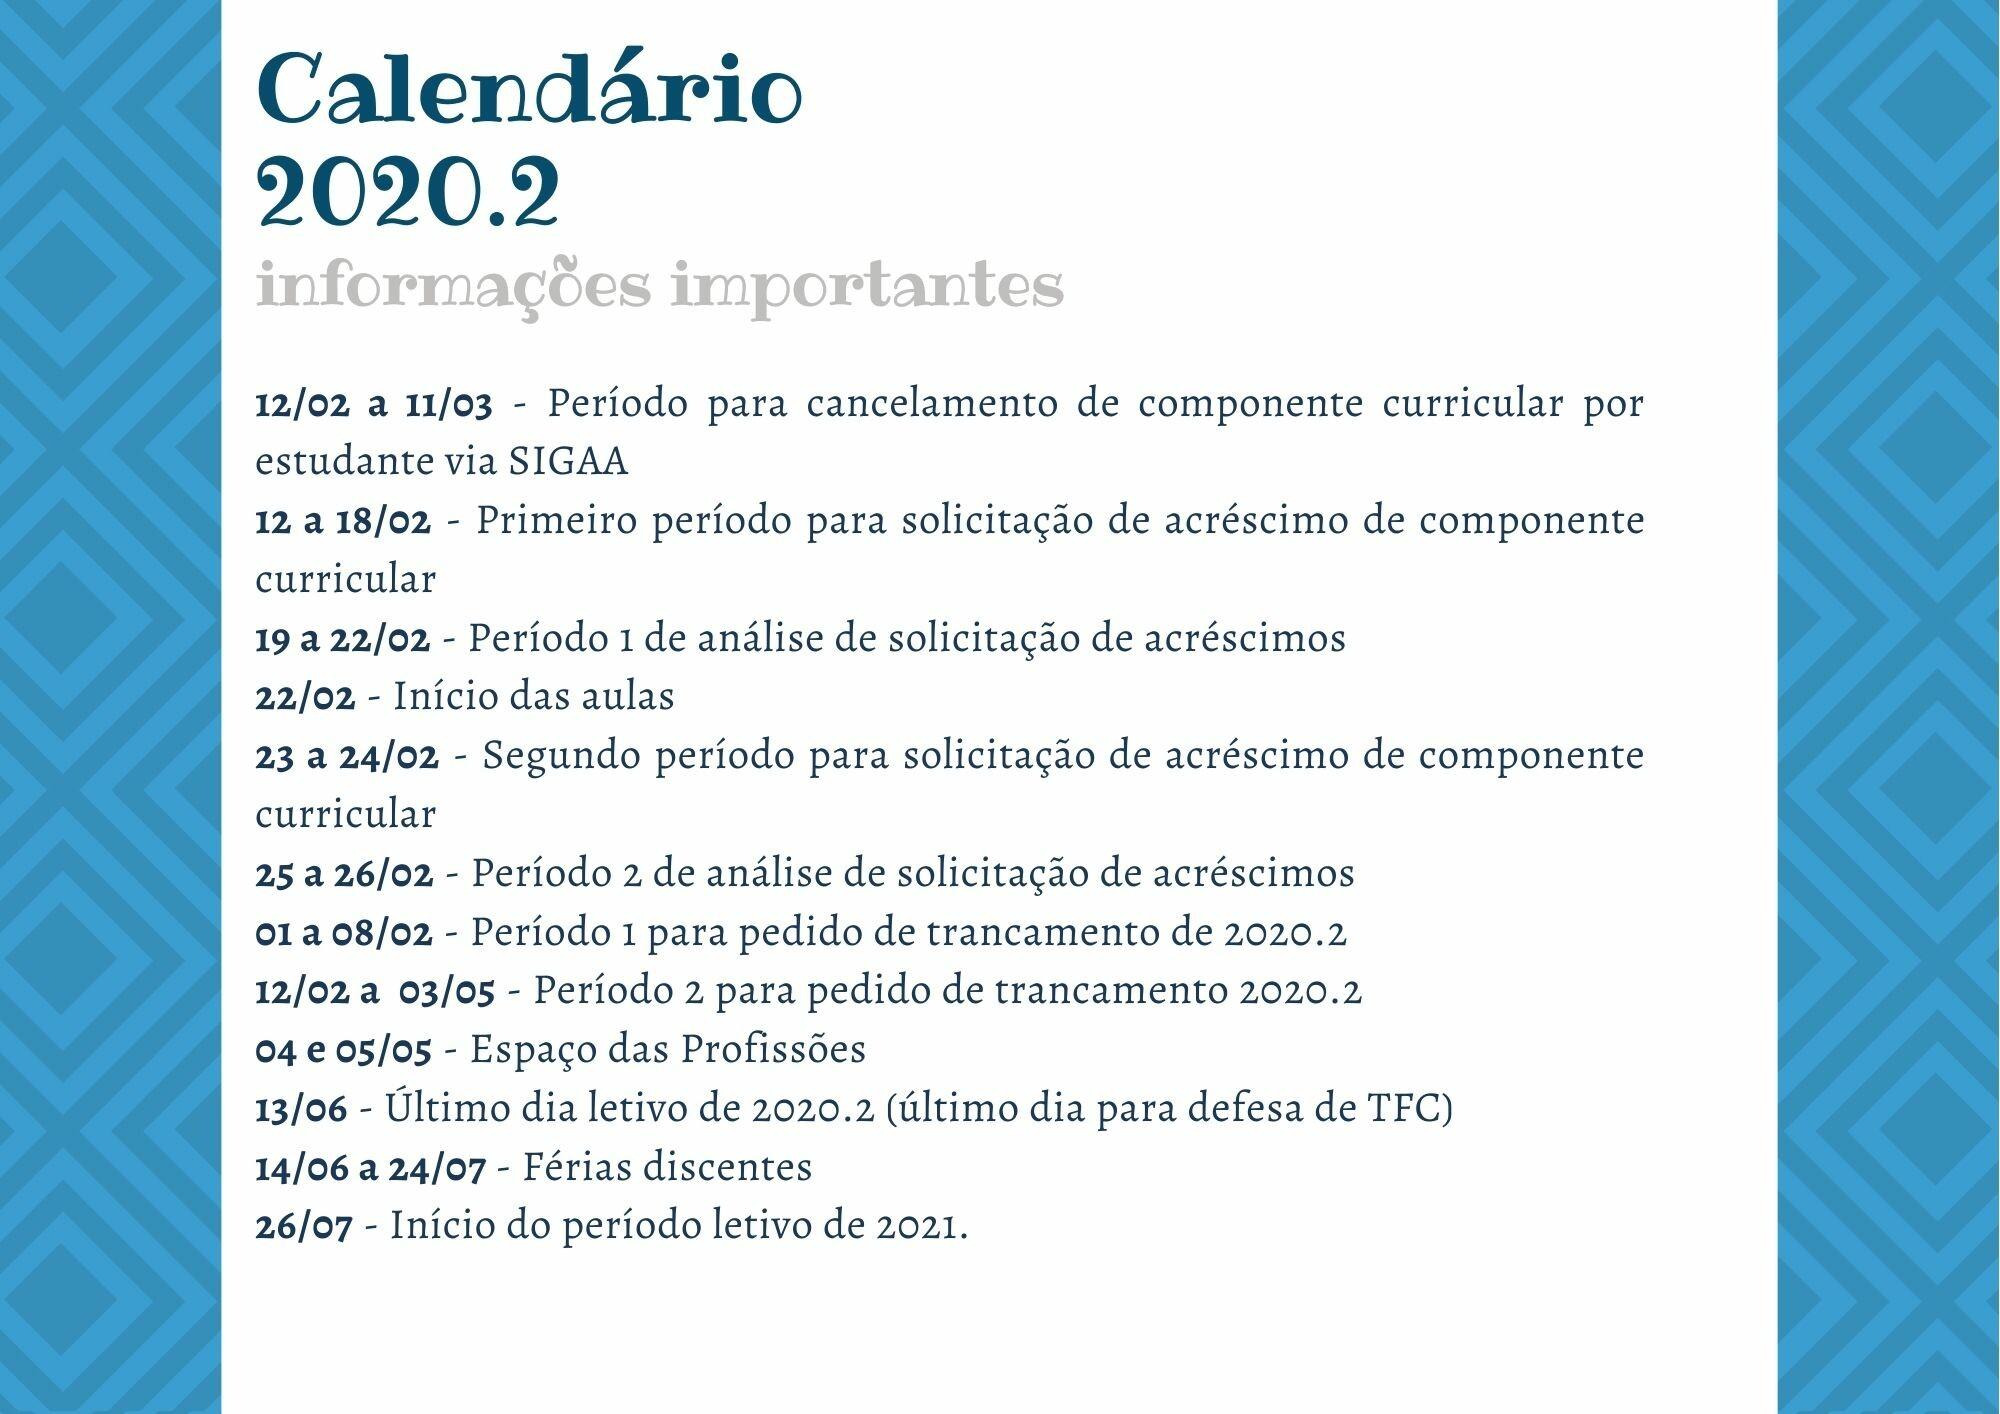 Calendário - Principais Datas